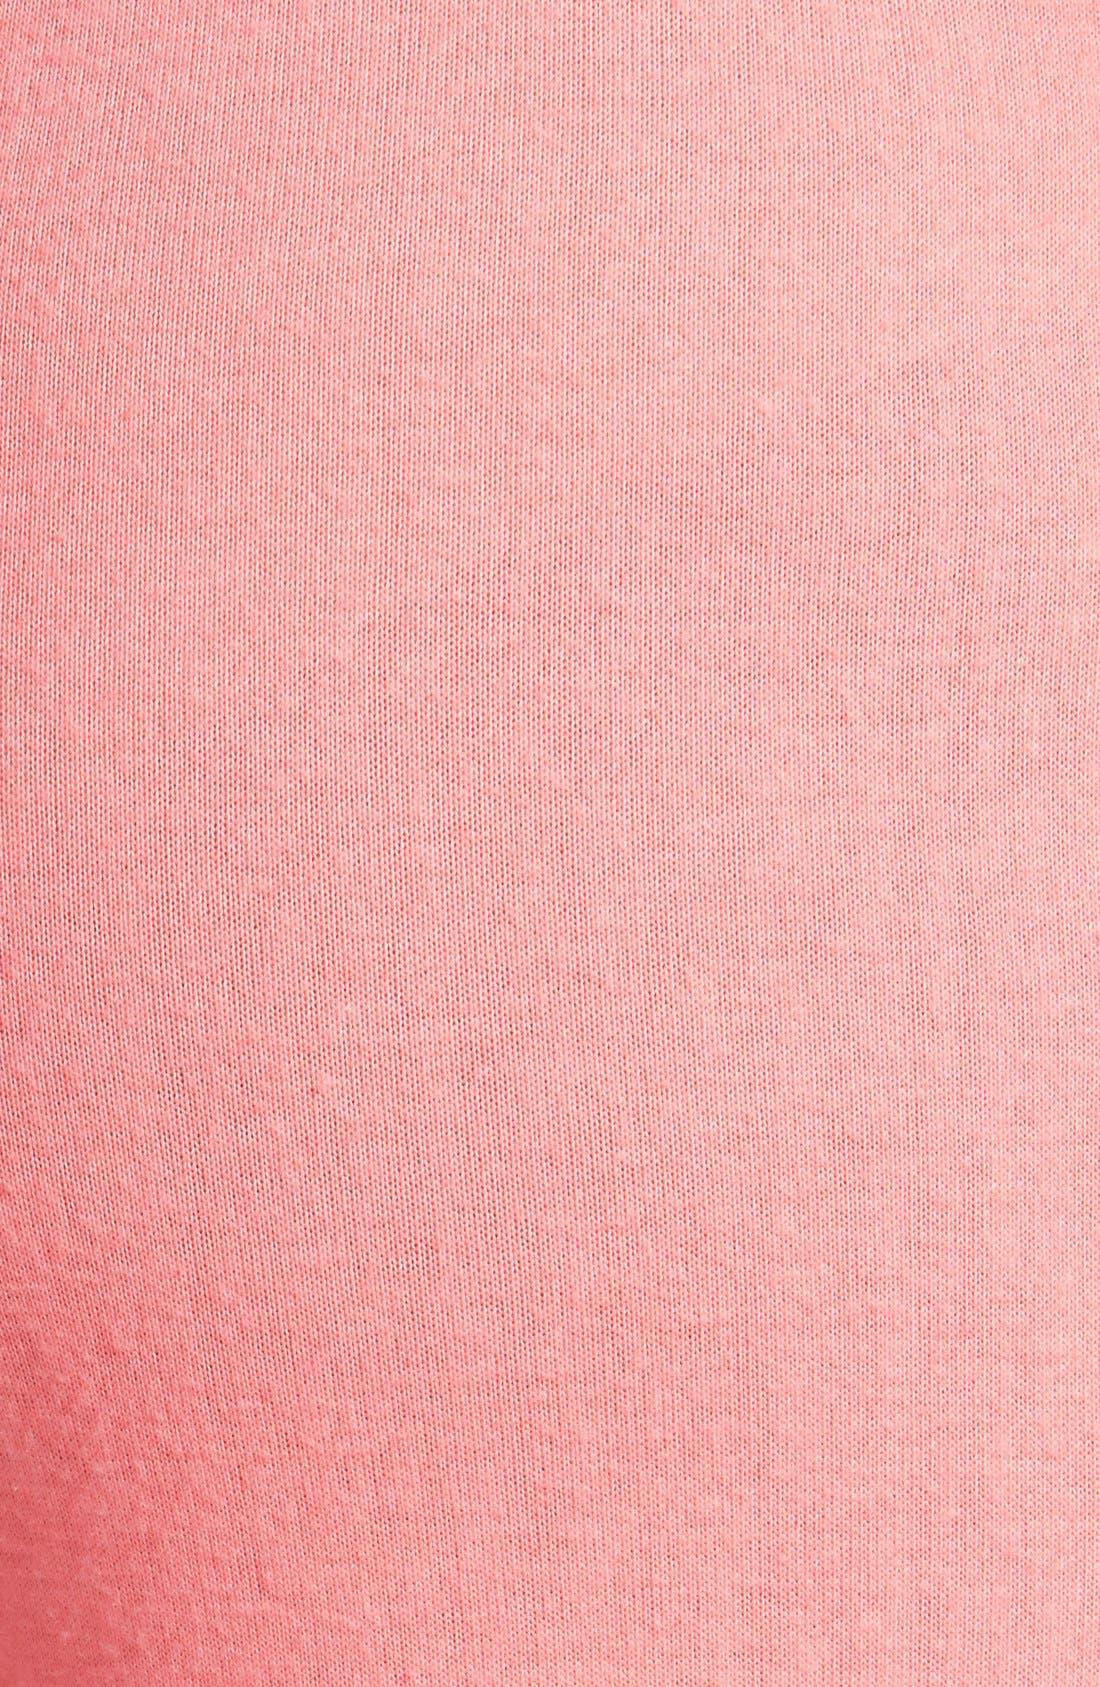 'Best Boyfriend' Brushed Hacci Lounge Pants,                             Alternate thumbnail 33, color,